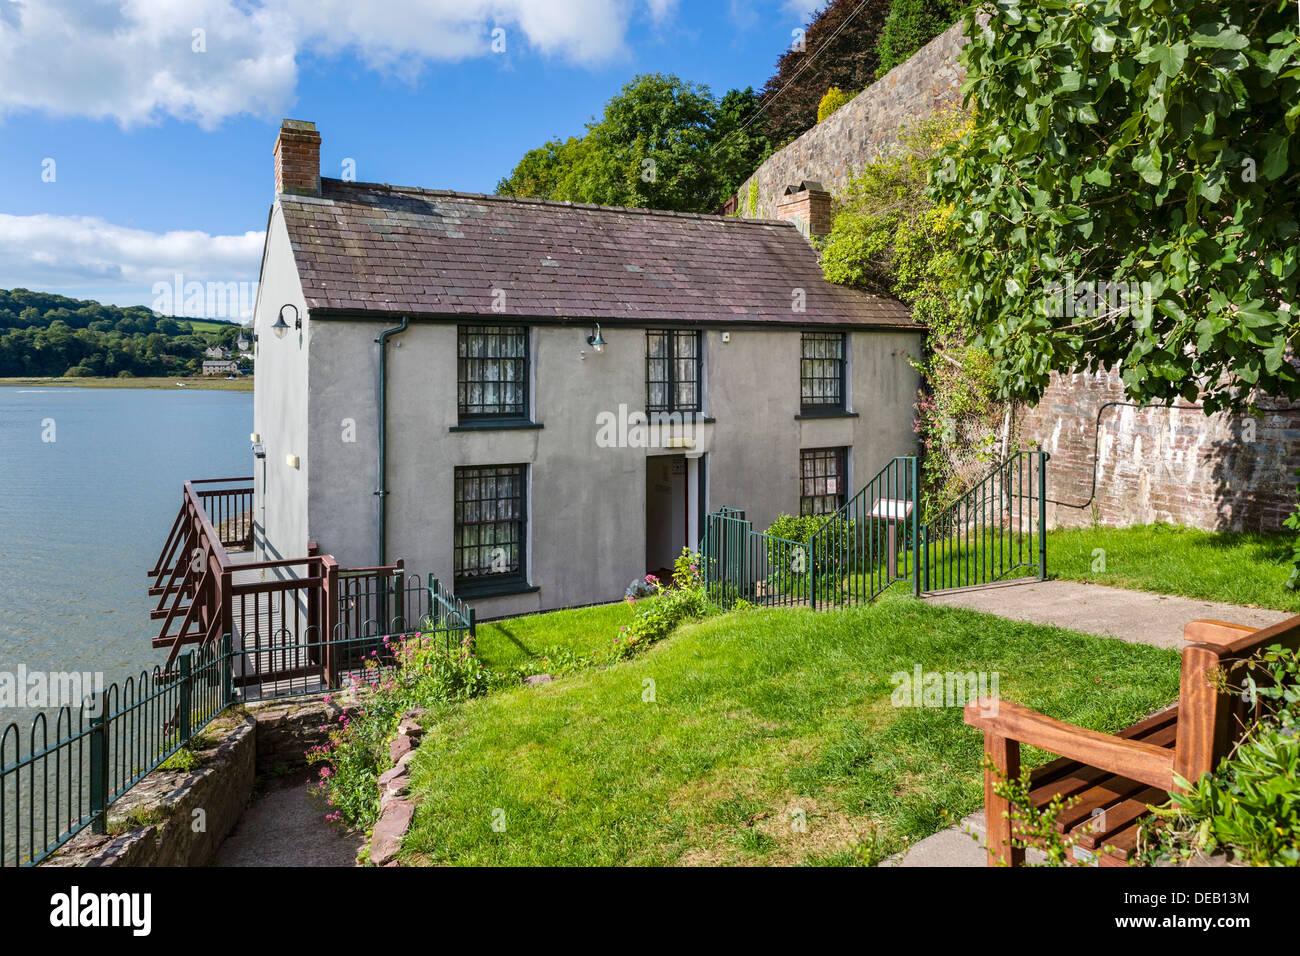 The Boathouse, o poeta do Dylan Thomas antiga casa em Laugharne, Carmarthenshire, País de Gales, Reino Unido Imagens de Stock